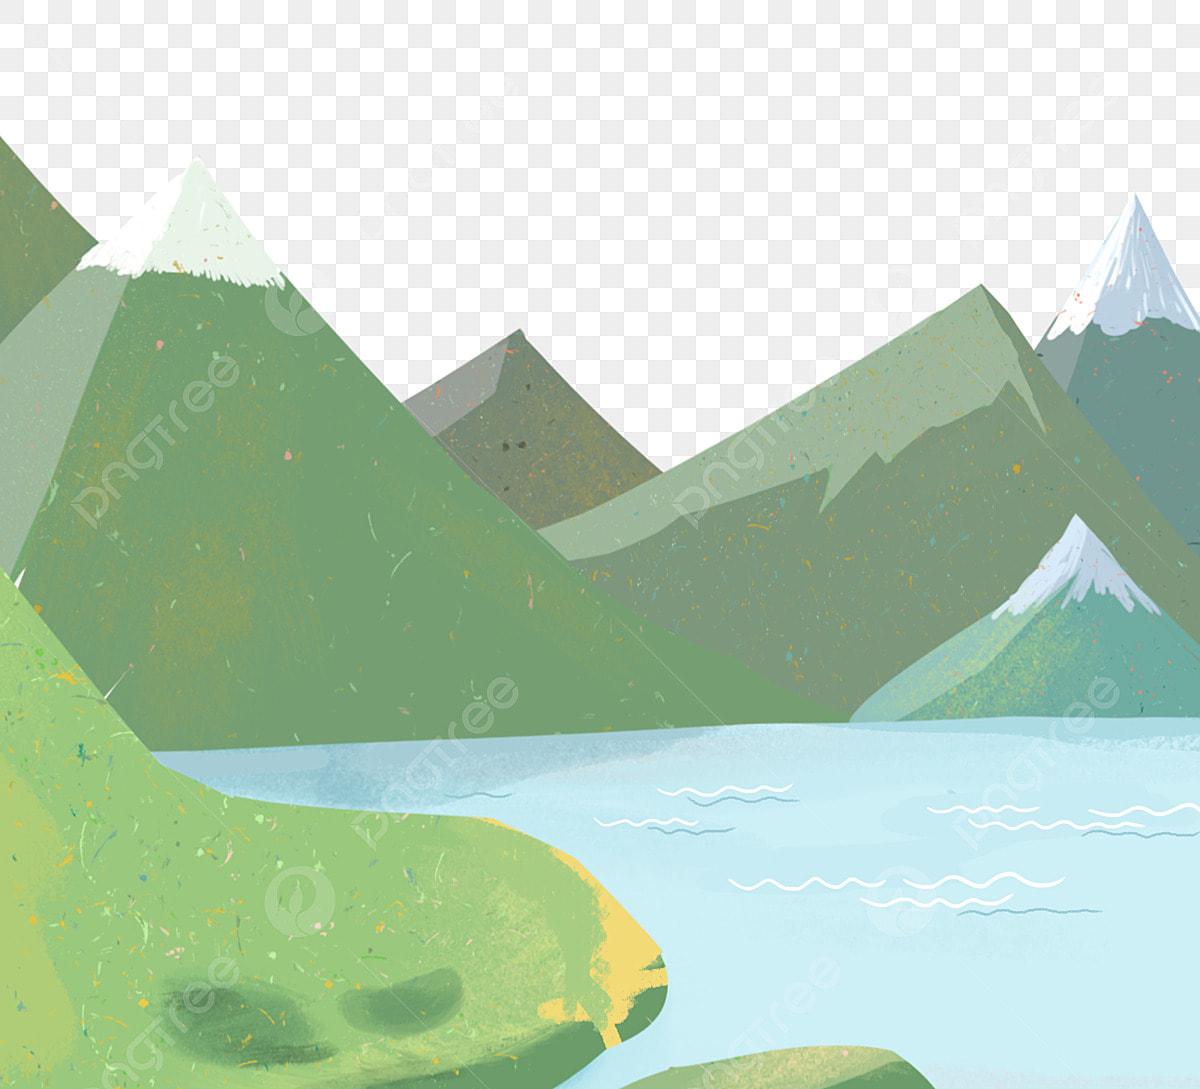 Gambar Pemandangan Kartun Pemandangan Danau Gunung Png Transparan Clipart Dan File Psd Untuk Unduh Gratis